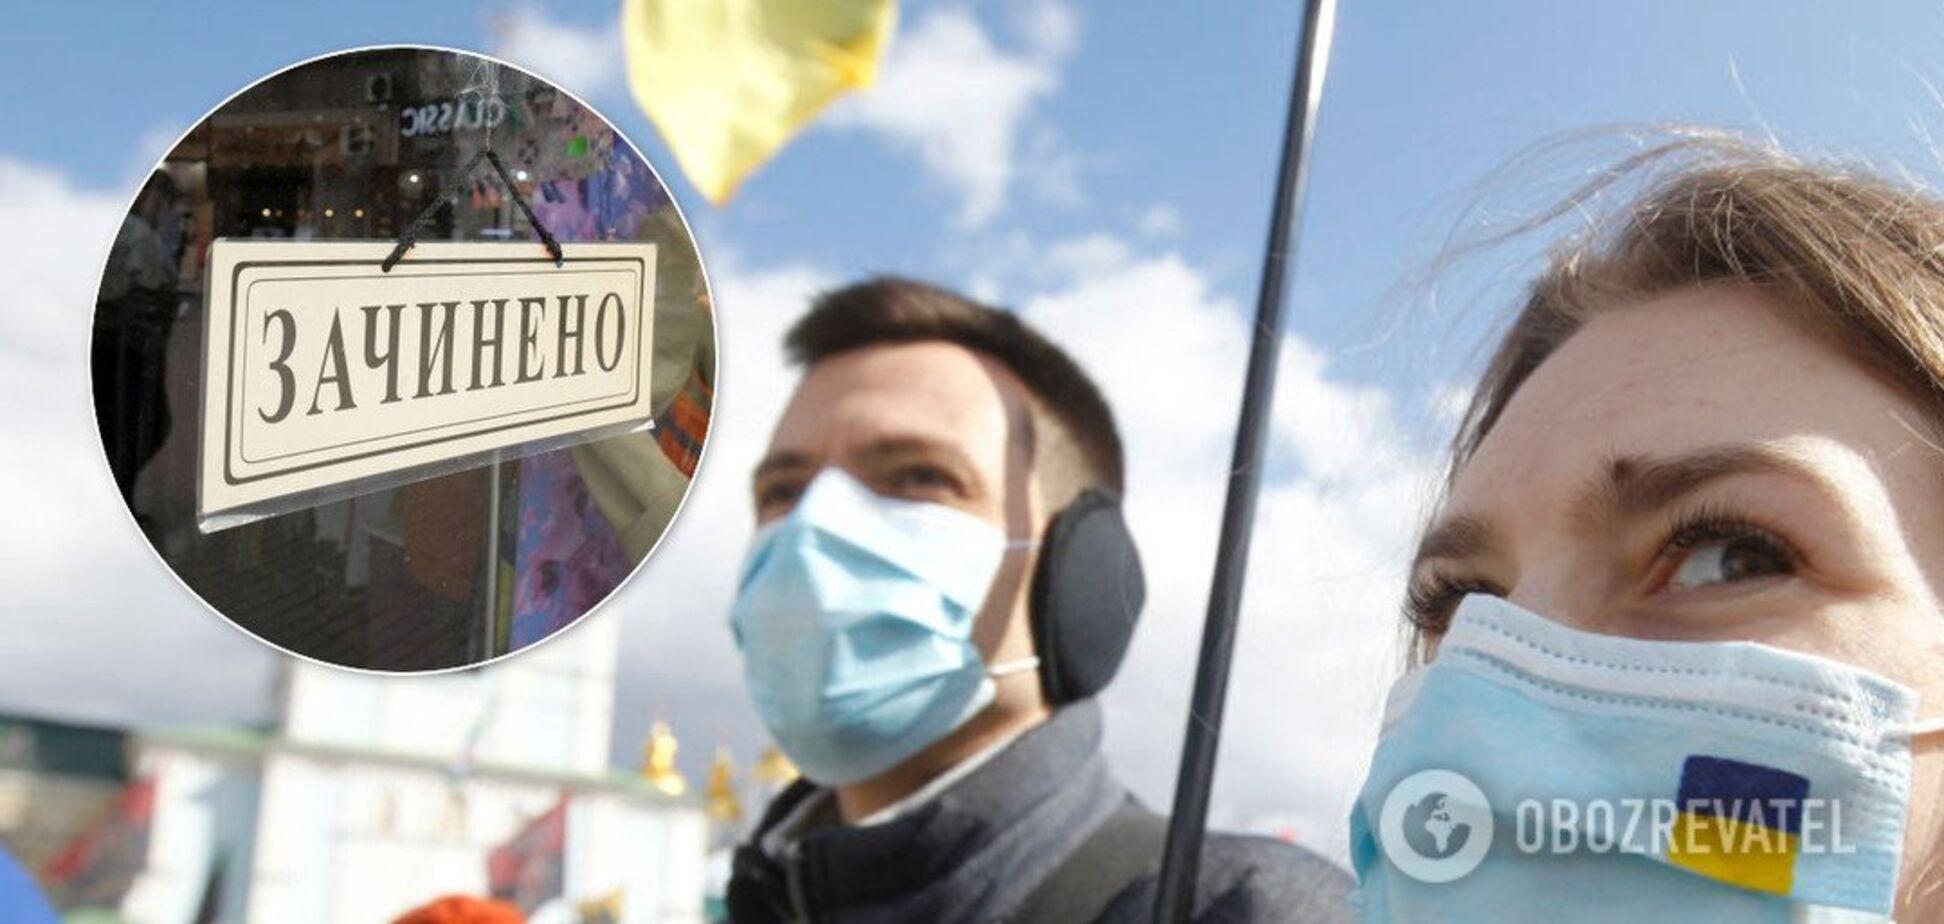 Карантин в Україні можуть пом'якшити після Великодня: екссанлікар розповів, що дозволять насамперед